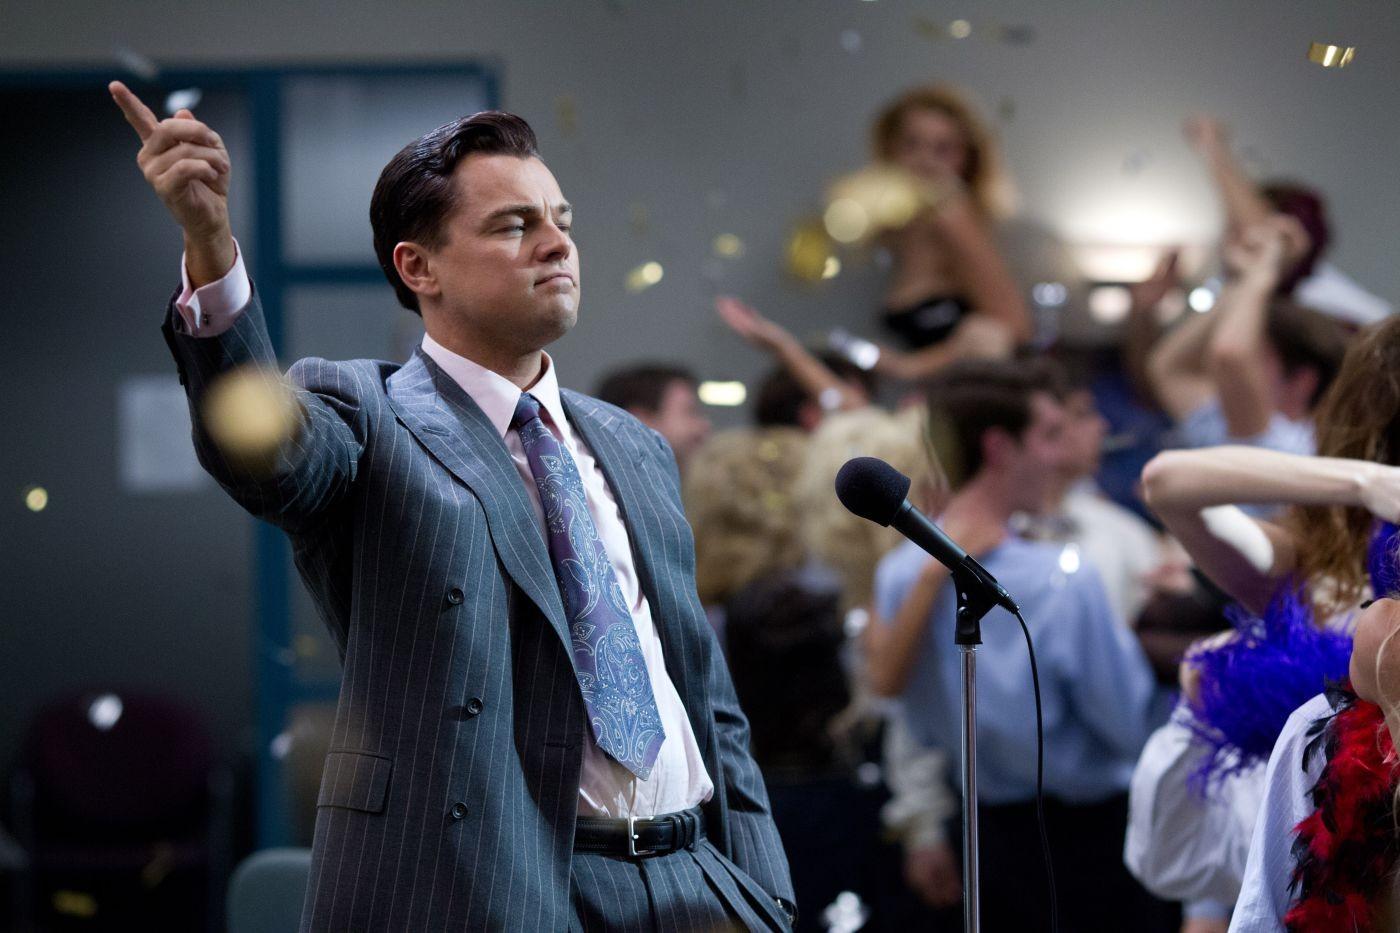 Leonardo DiCaprio as Jordan Belfort in 'The Wolf of Wall Street'